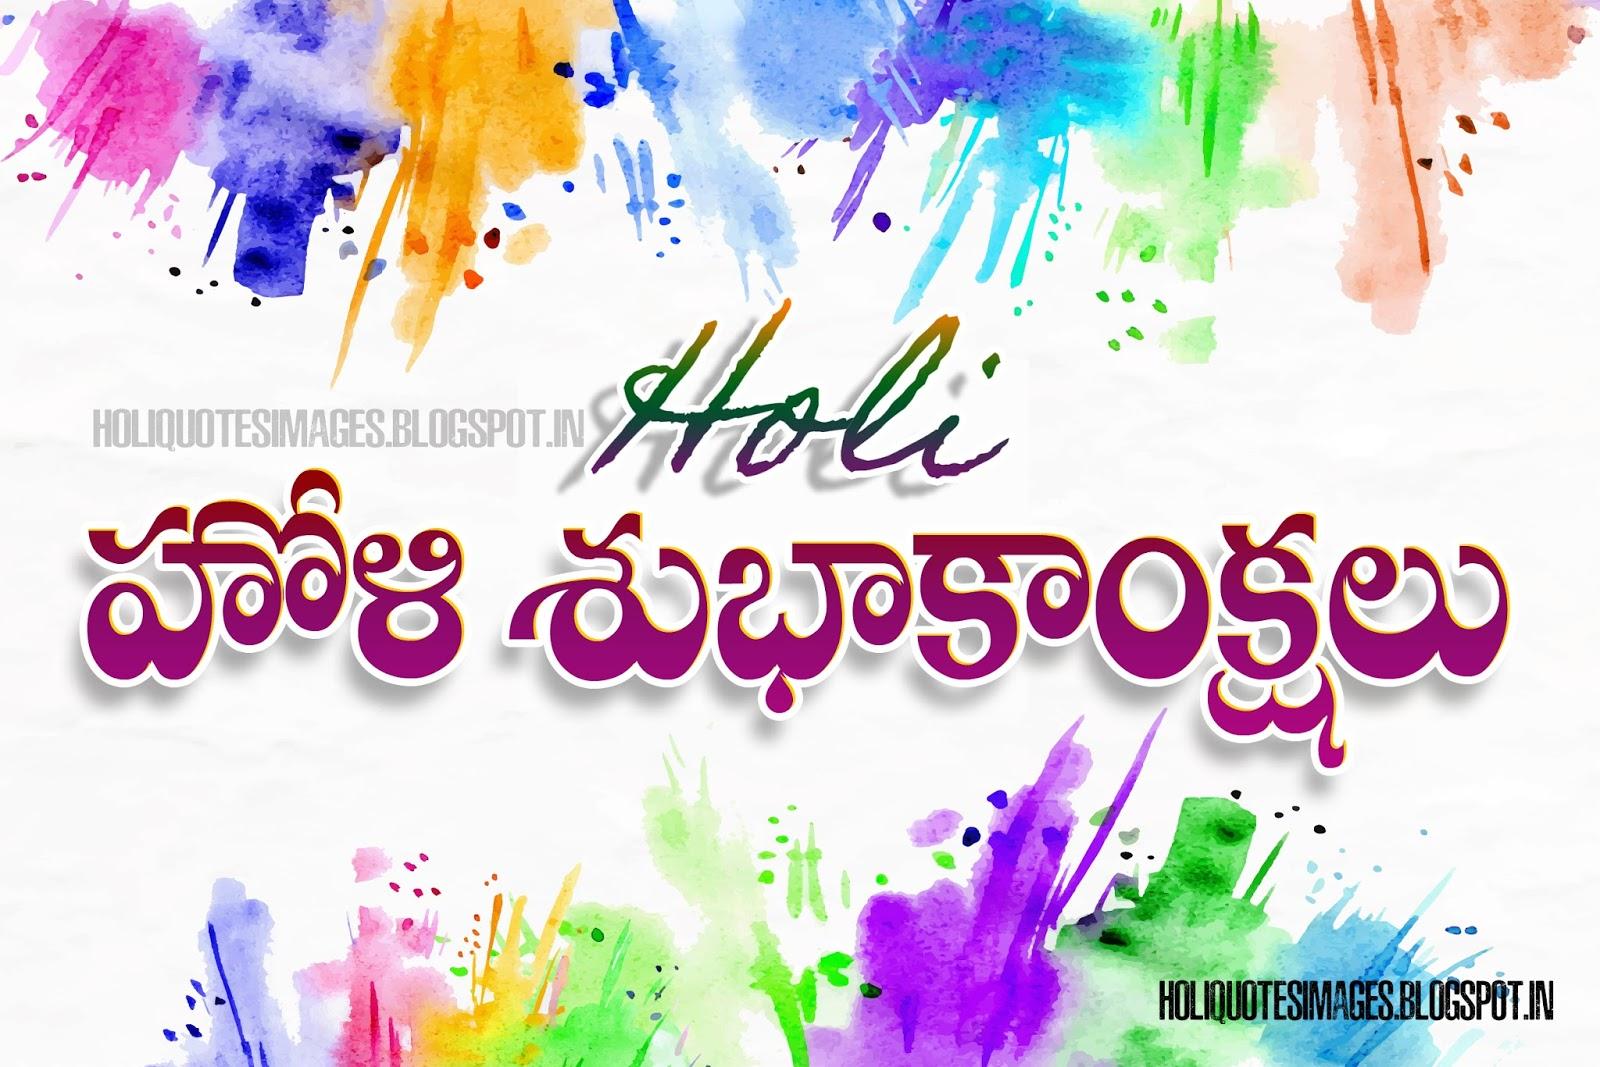 Best holi messages in telugu language telugu holi sms new telugu indian festival holi greetings in telugu language best telugu holi images holi telugu greetings wallpapers holi telugu quotes with images kristyandbryce Images